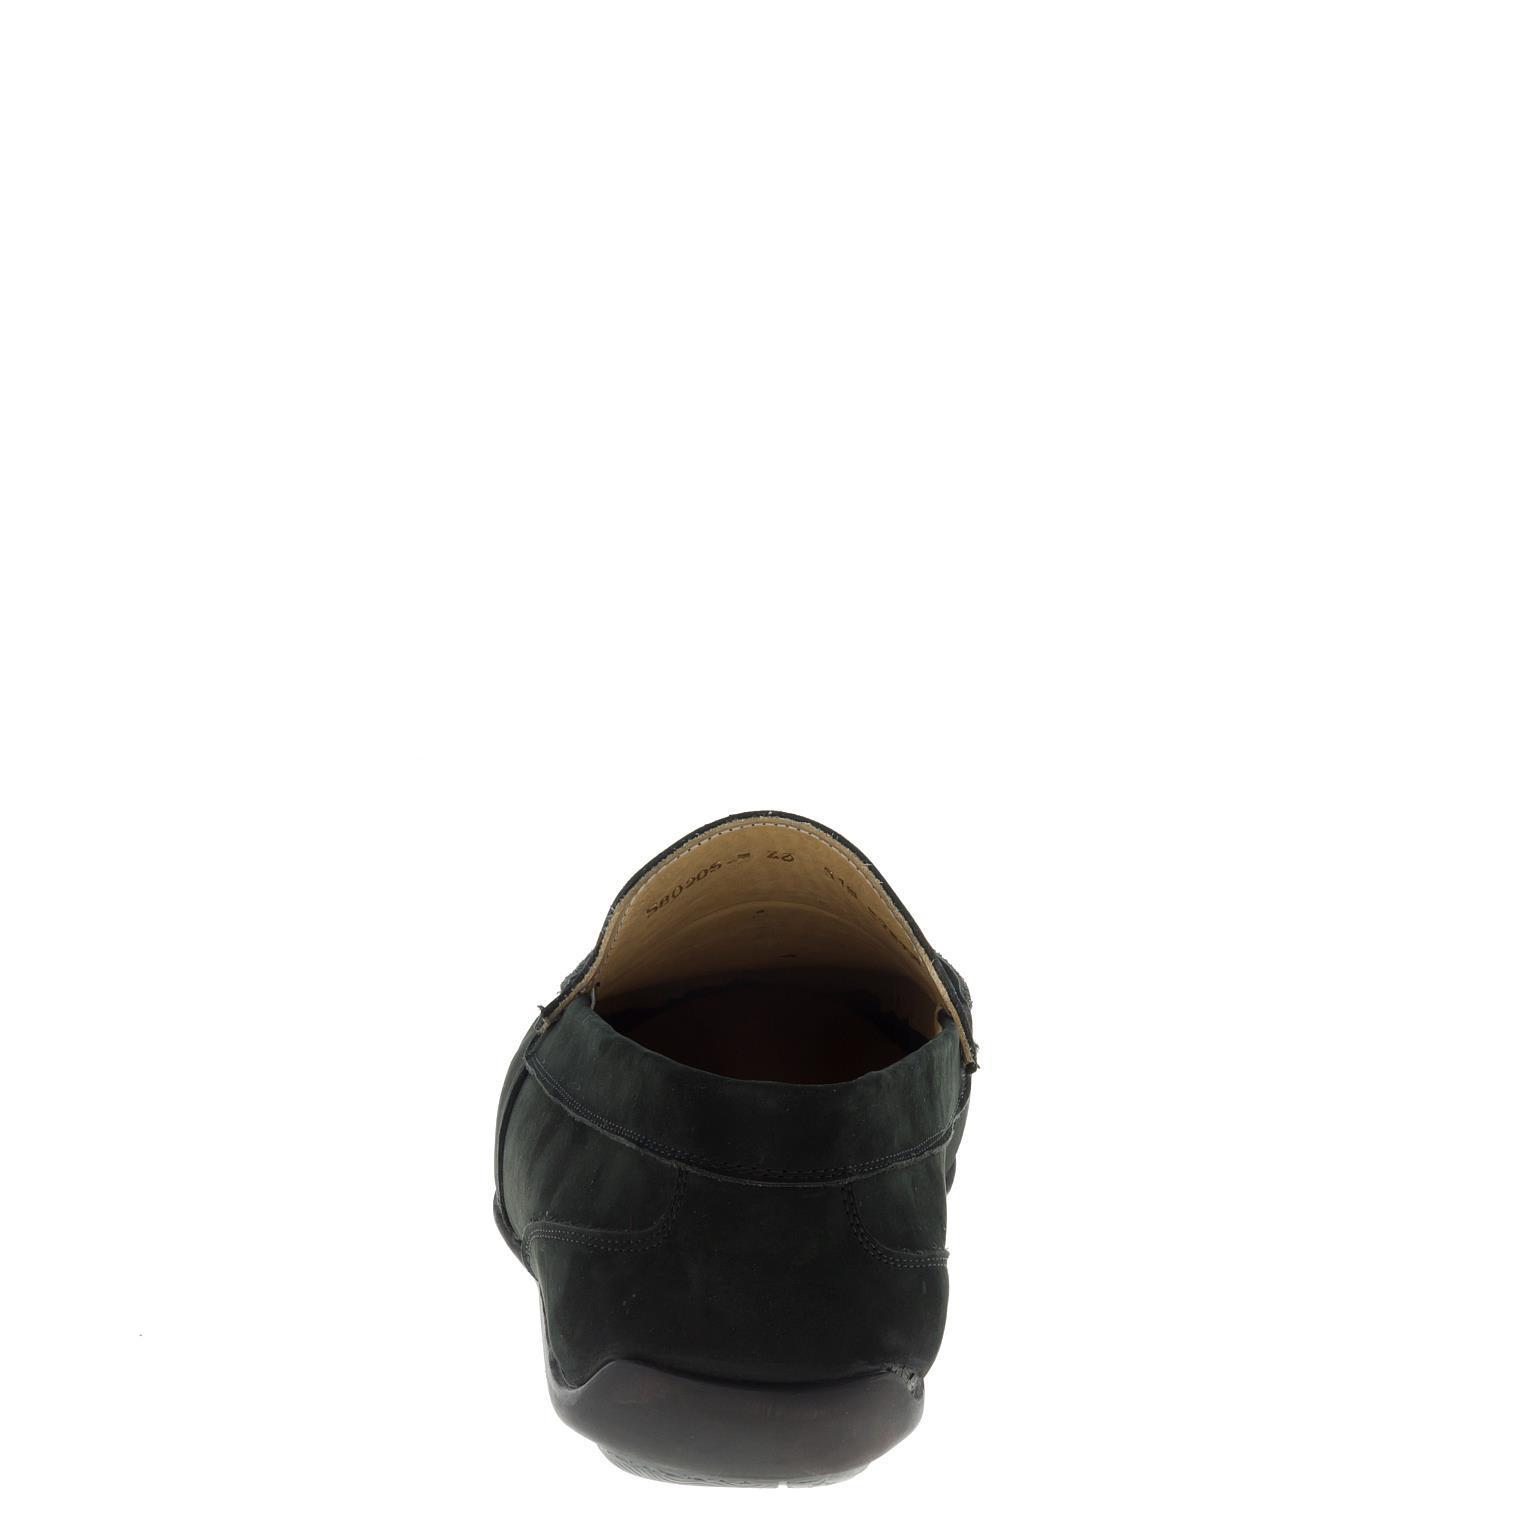 580205 Мокасины мужские больших размеров марки Делфино